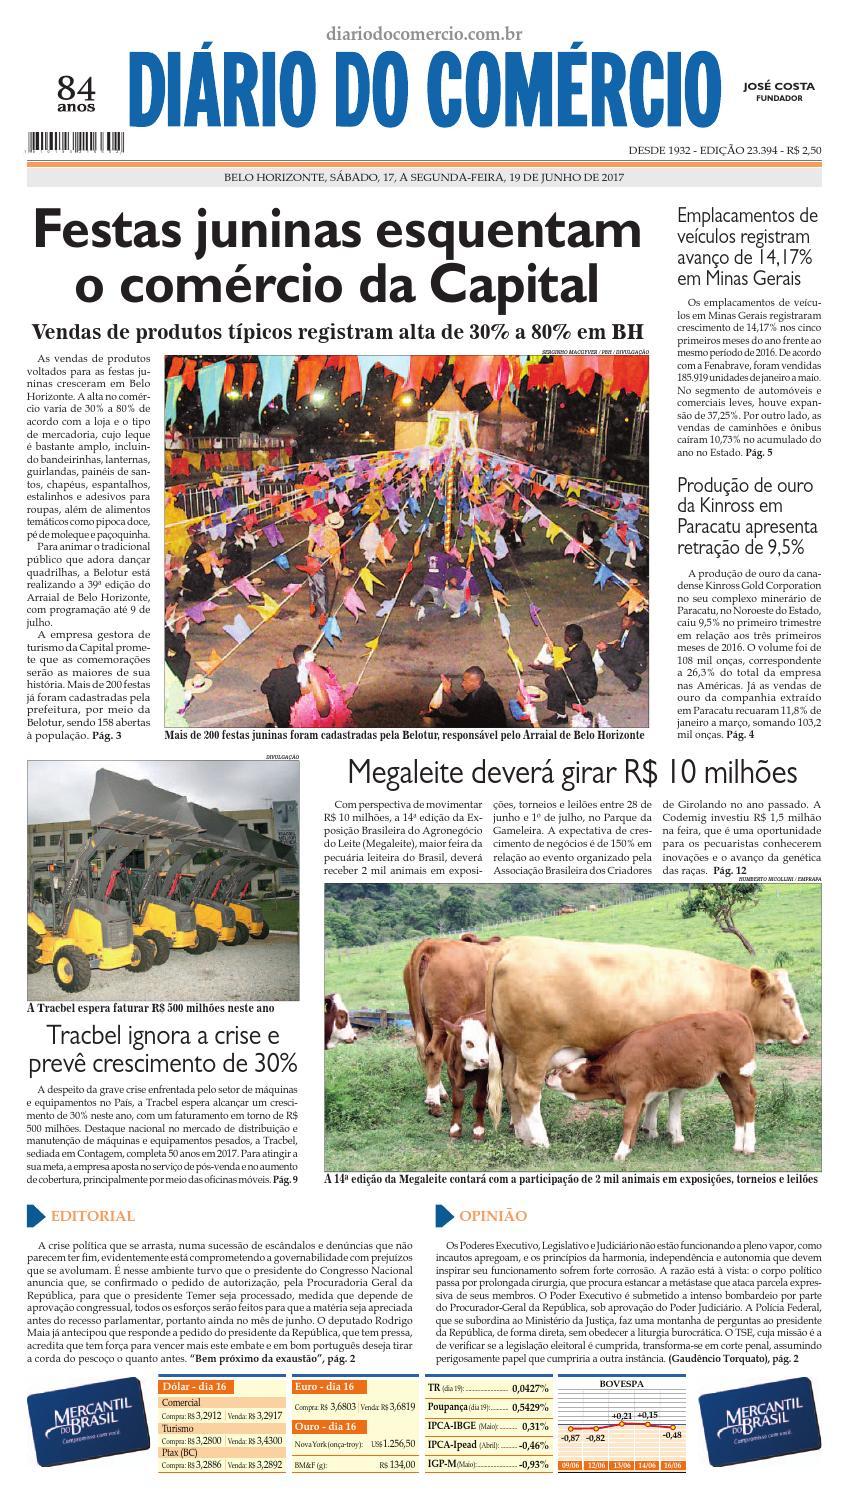 dd83487d0b5 23394 by Diário do Comércio - Belo Horizonte - issuu